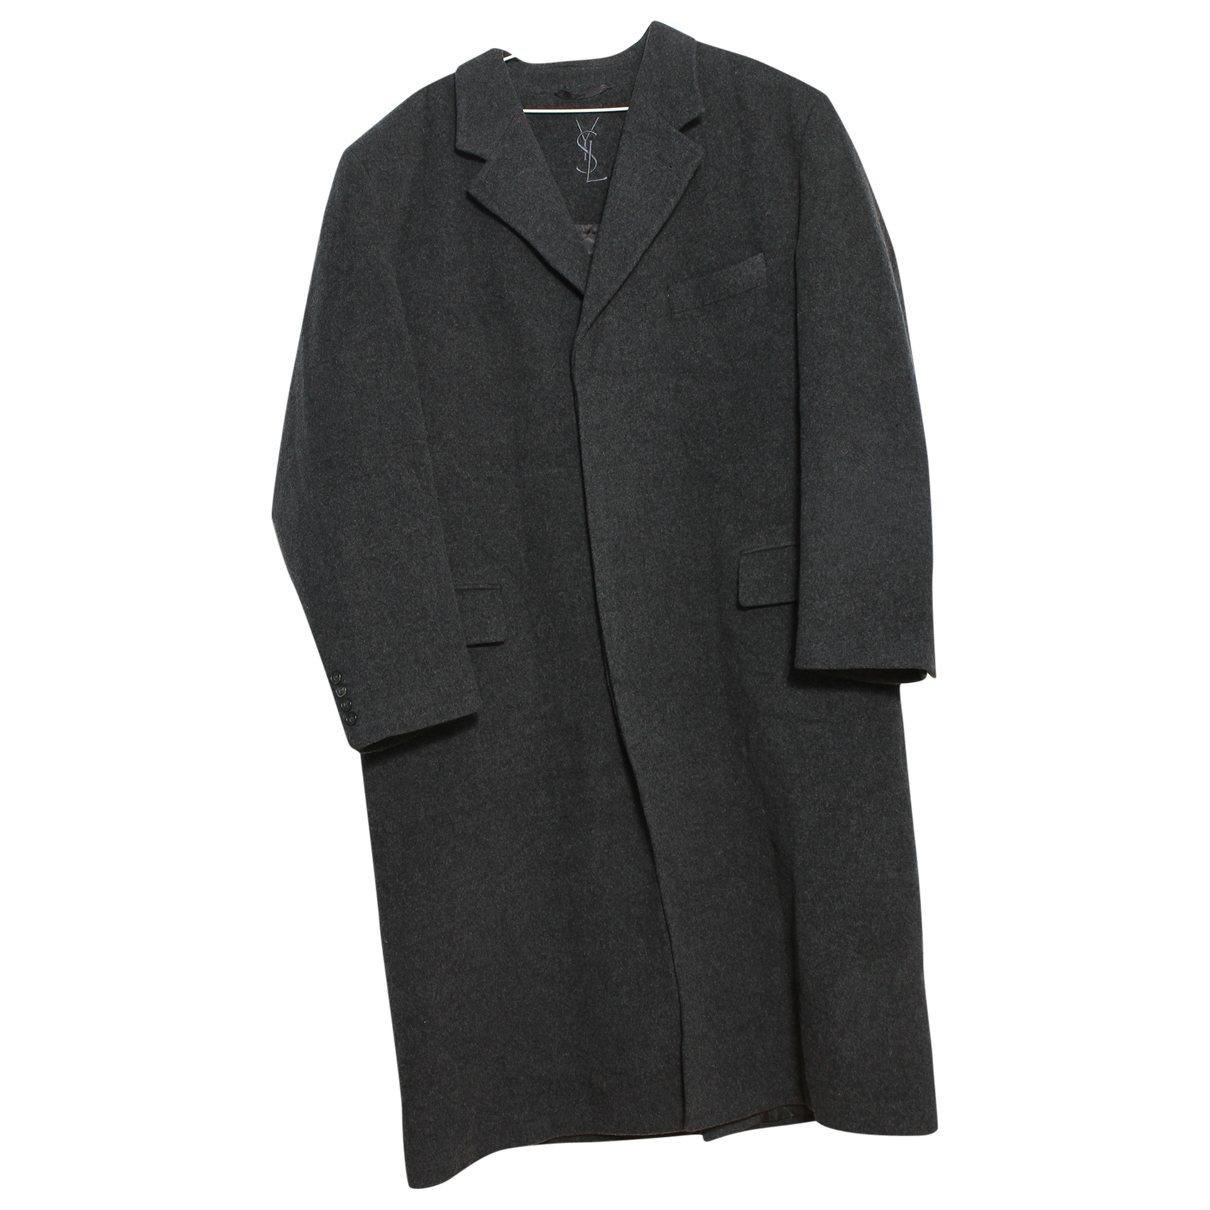 Yves Saint Laurent - Manteau   pour homme en laine - anthracite